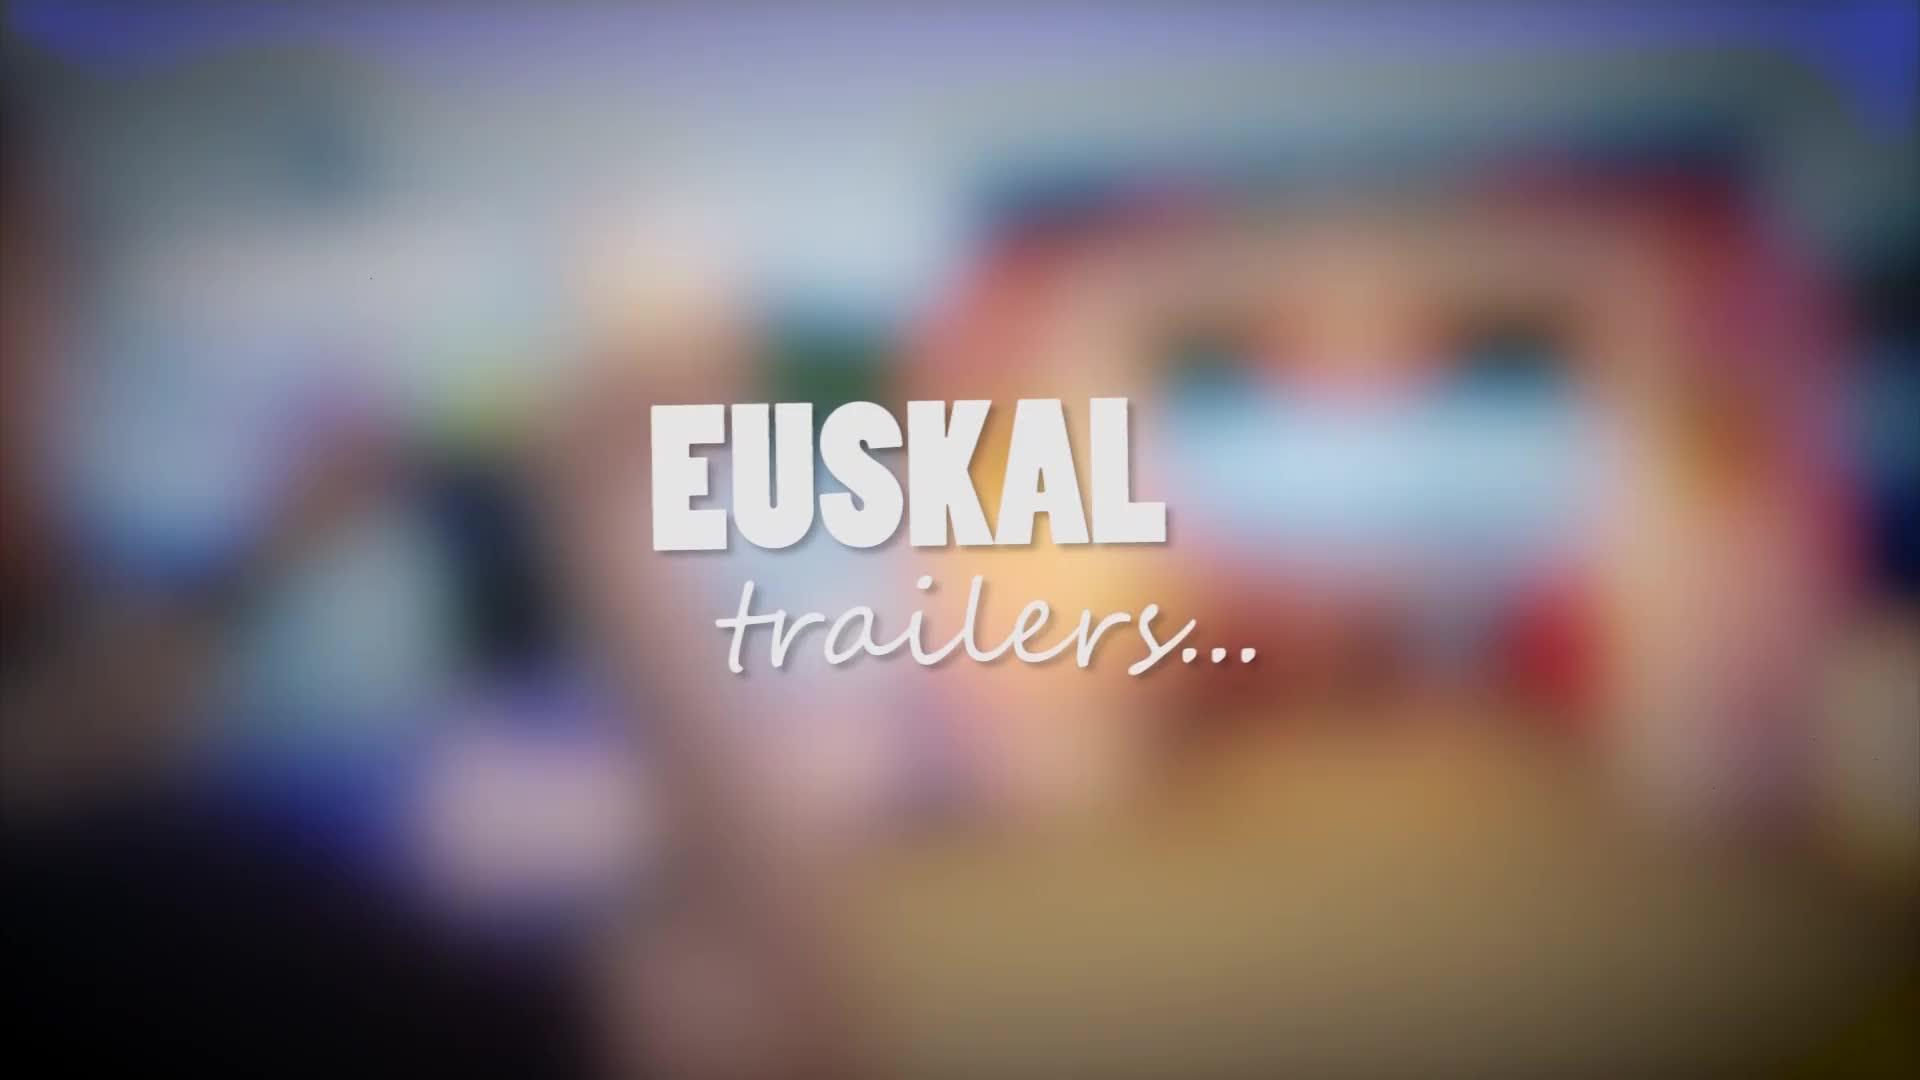 Euskal Trail 2017: Panpi EZCURRAren lekukotasuna